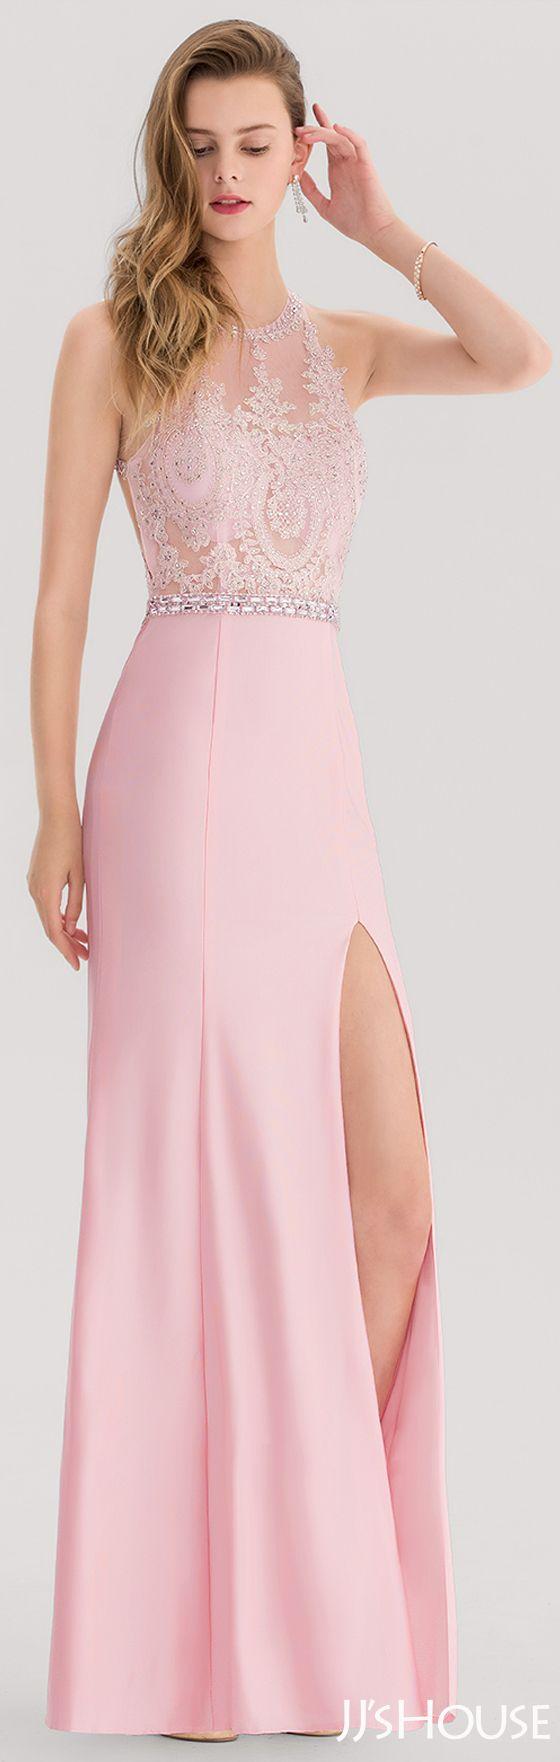 Mejores 512 imágenes de JJ\'s House Prom Dresses en Pinterest